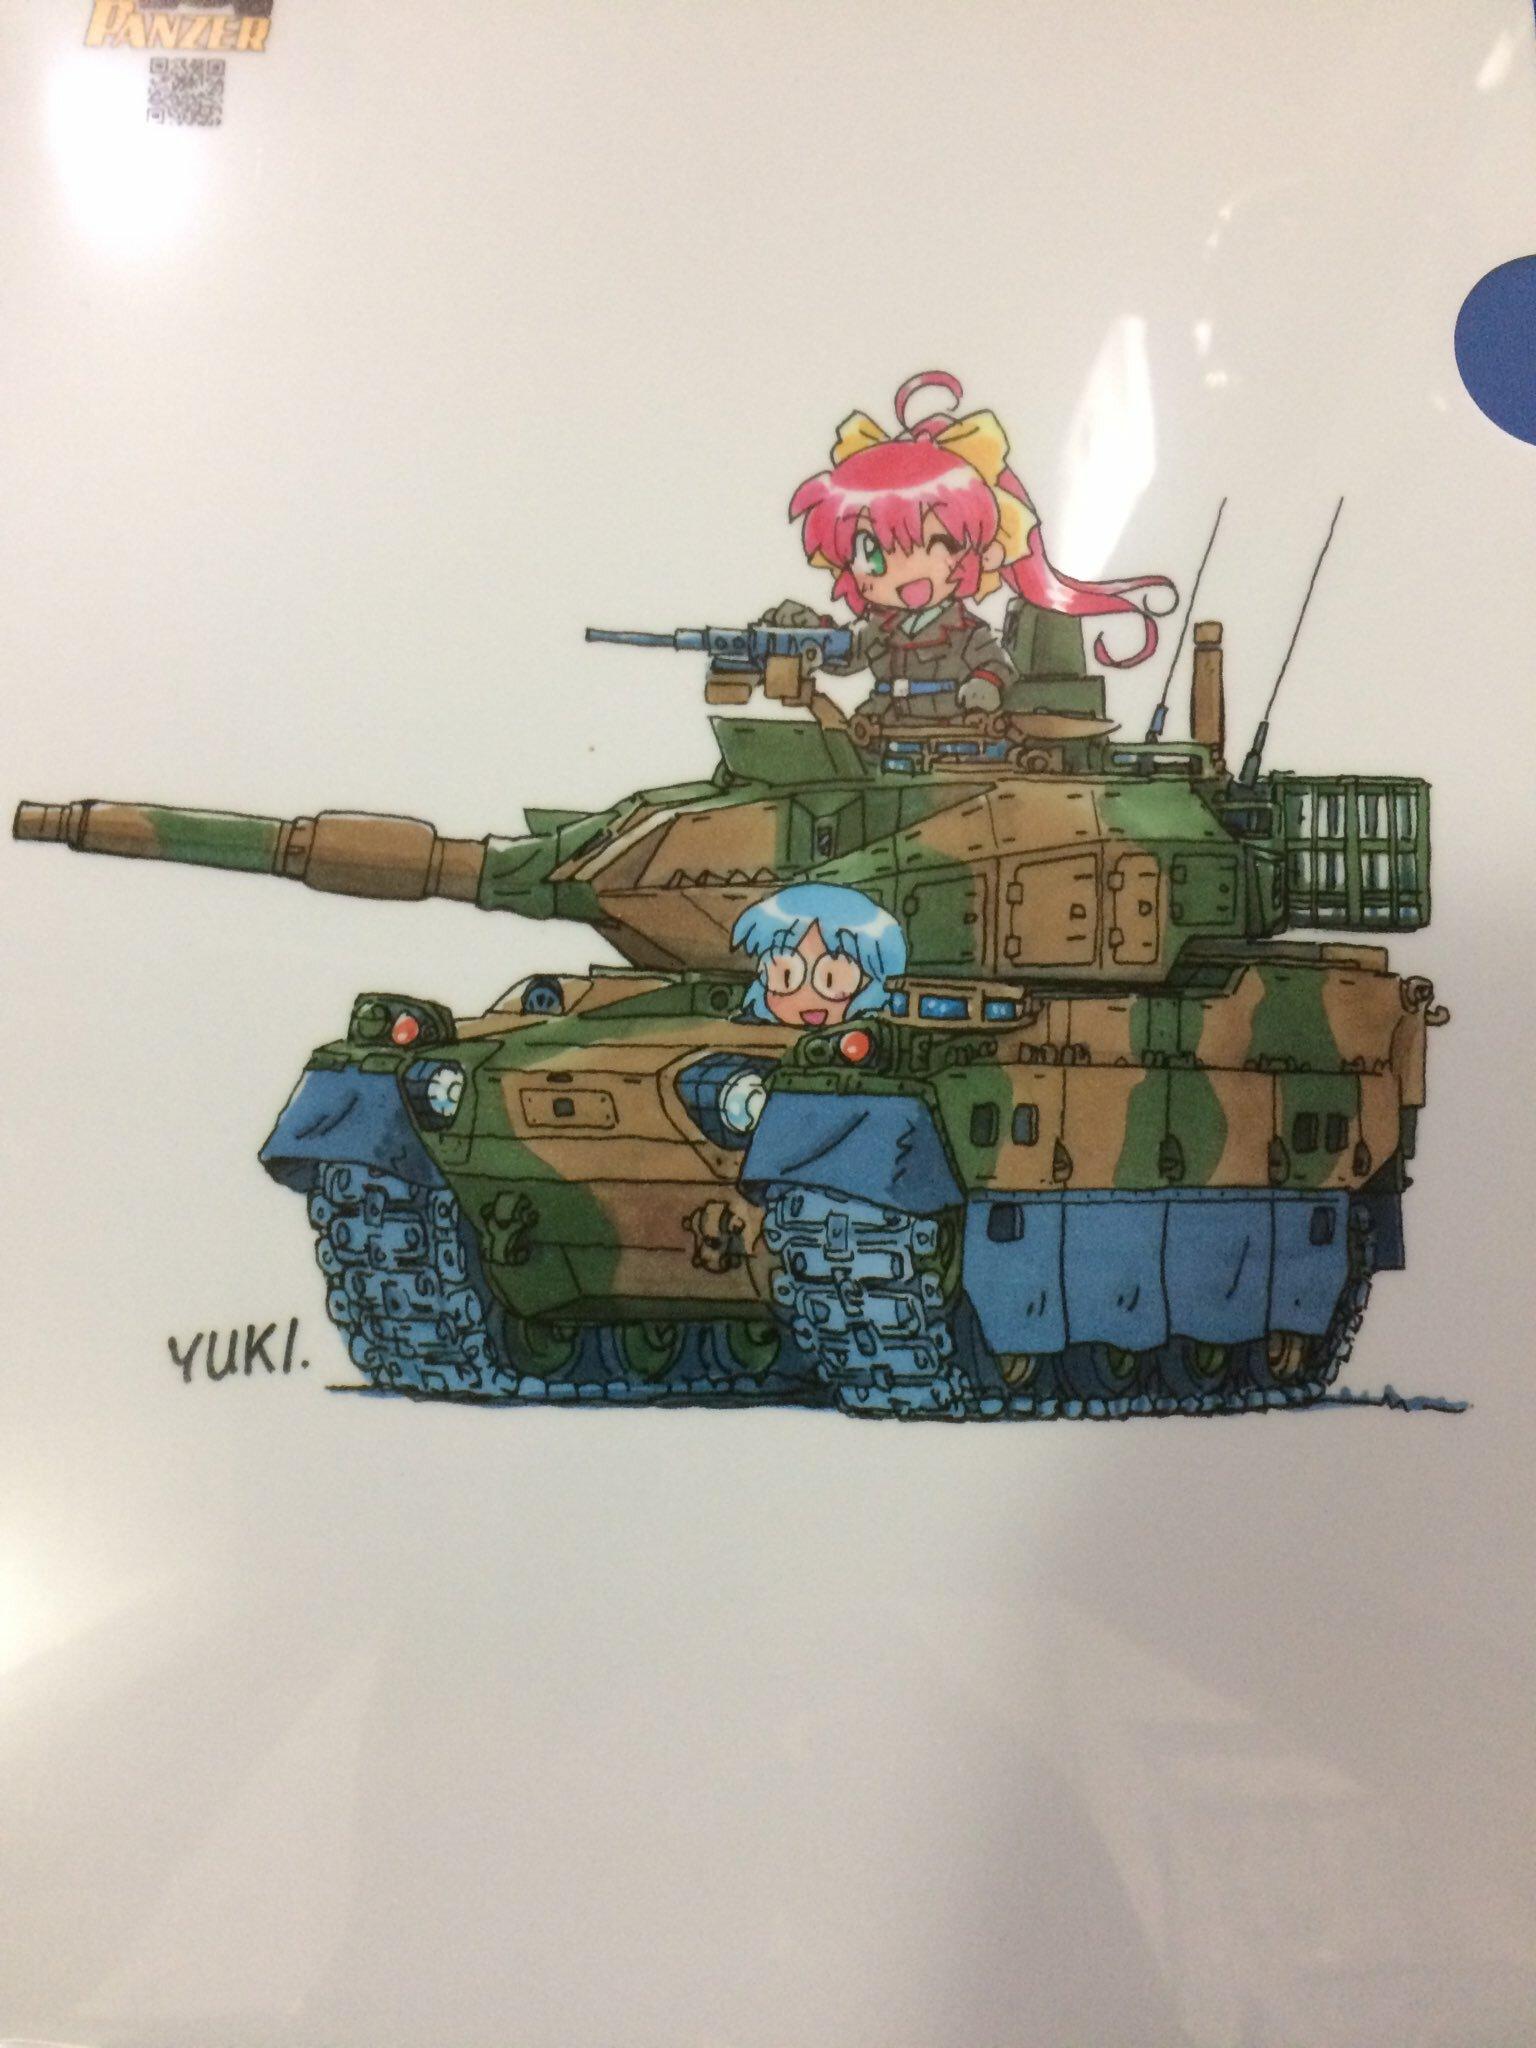 ぺリ子ちゃんと10式戦車 A4クリアファイル